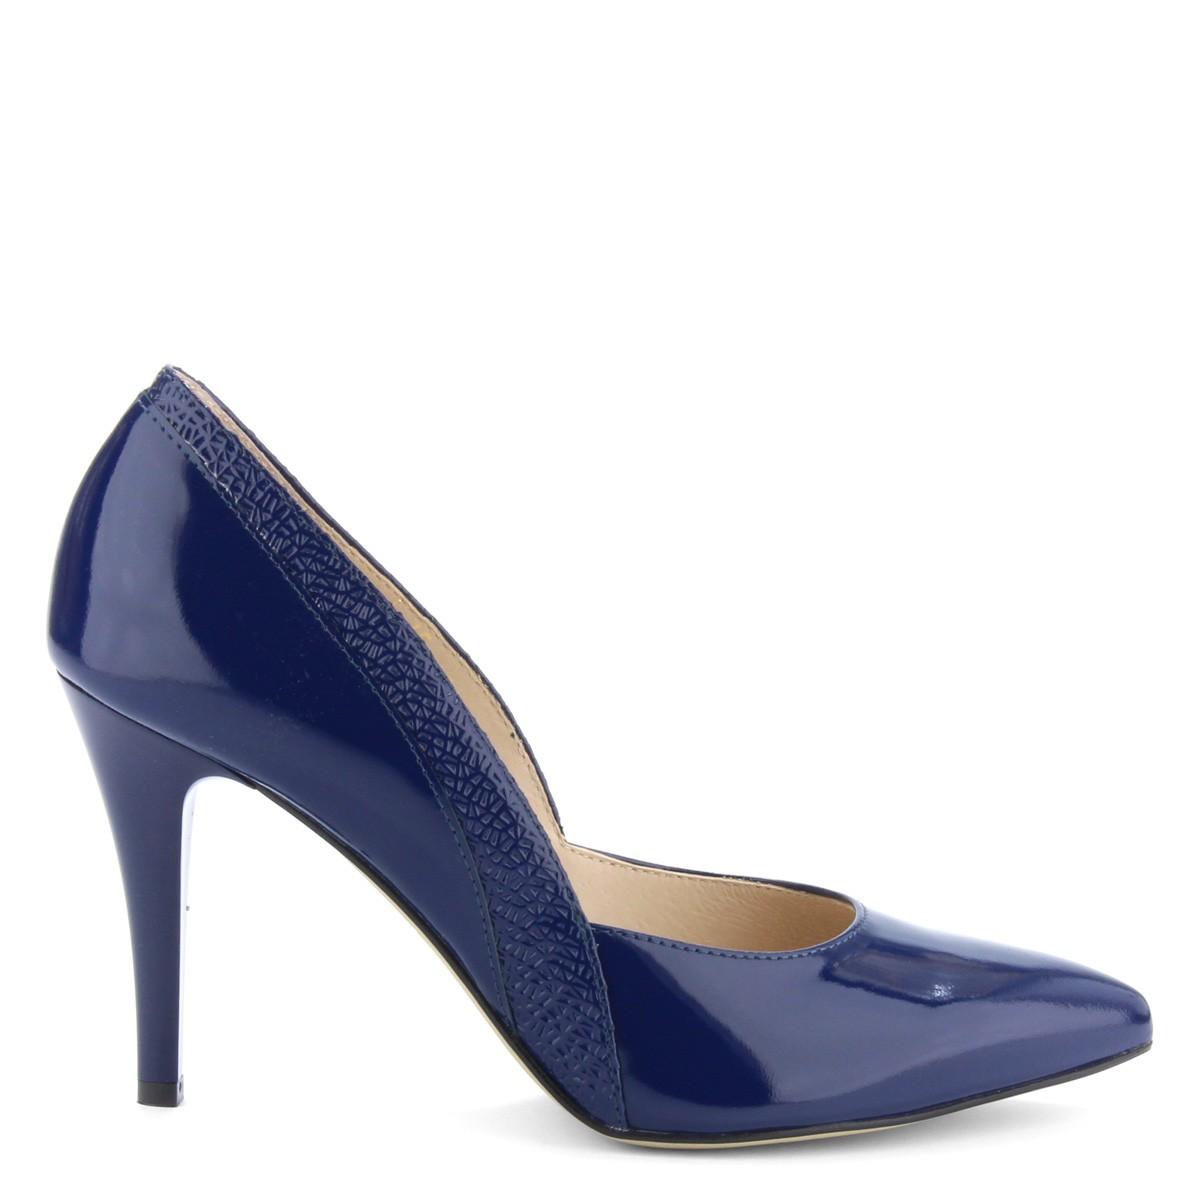 e97e45f6a8 Kék magas sarkú lakk alkalmi cipő. Sarka 9 cm magas ...